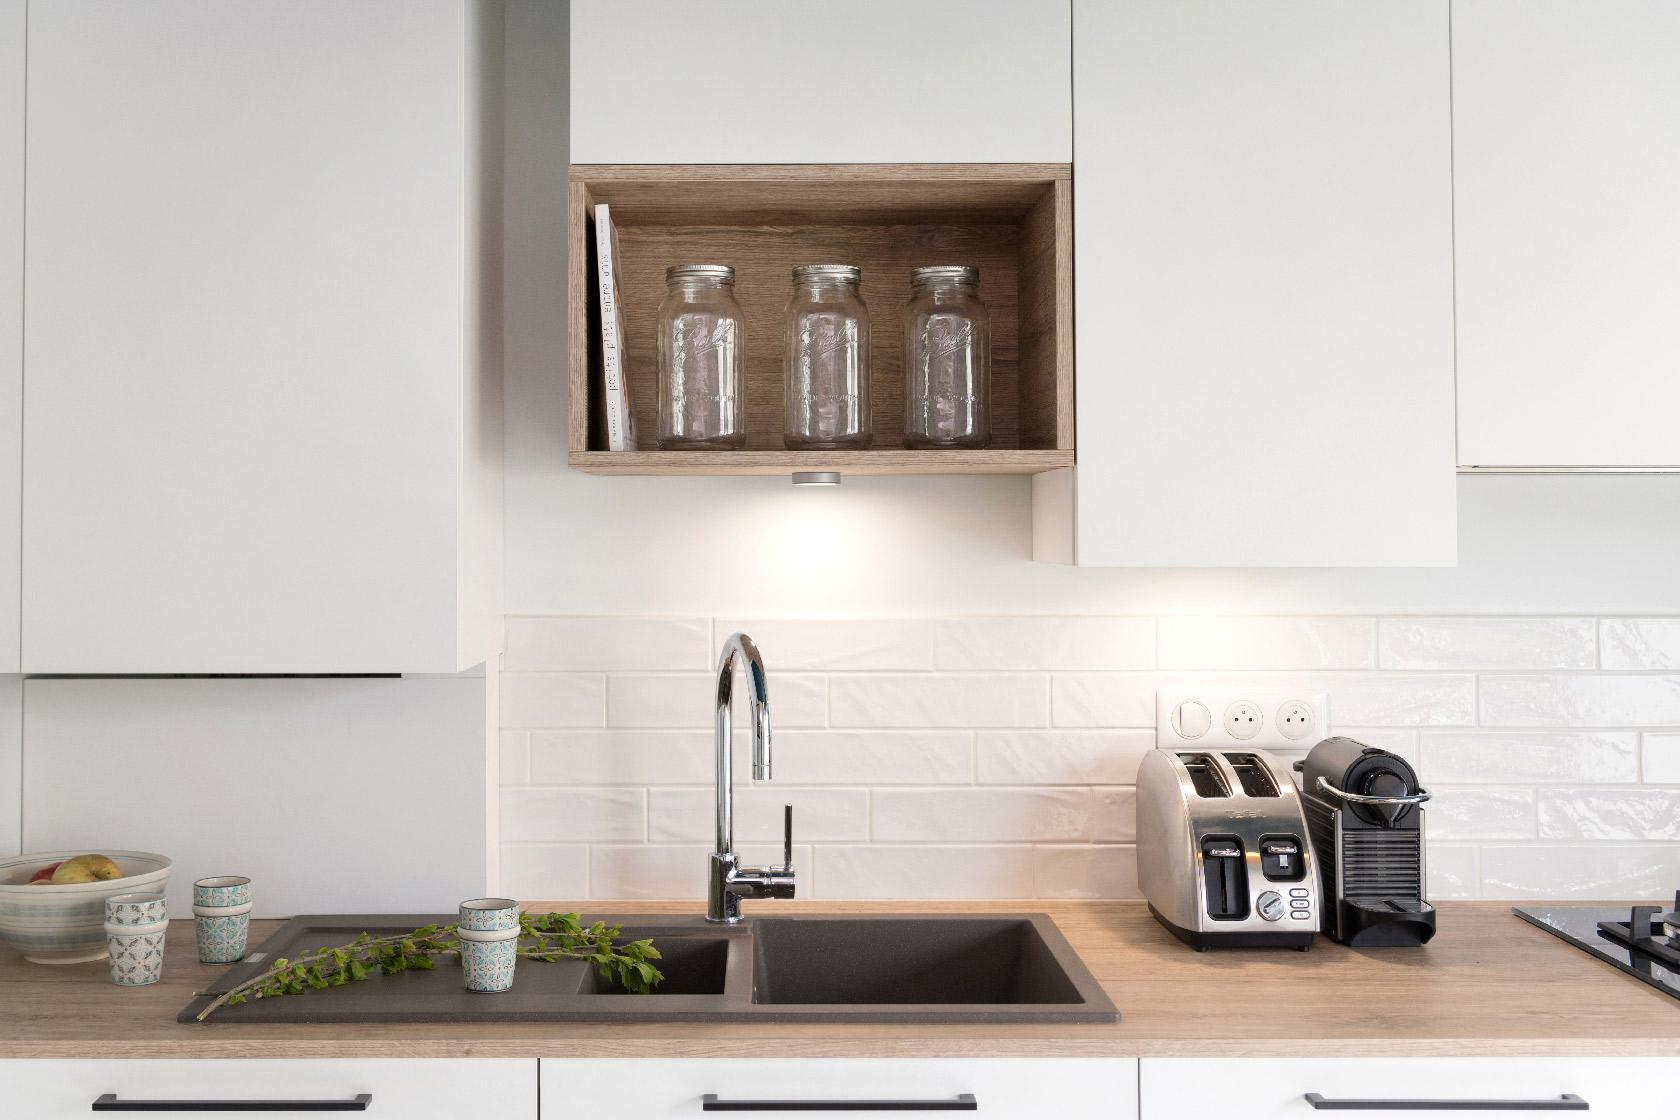 Une cuisine blanche très épurée avec un carrelage métro, un évier gris anthracite et un plan de travail en bois.